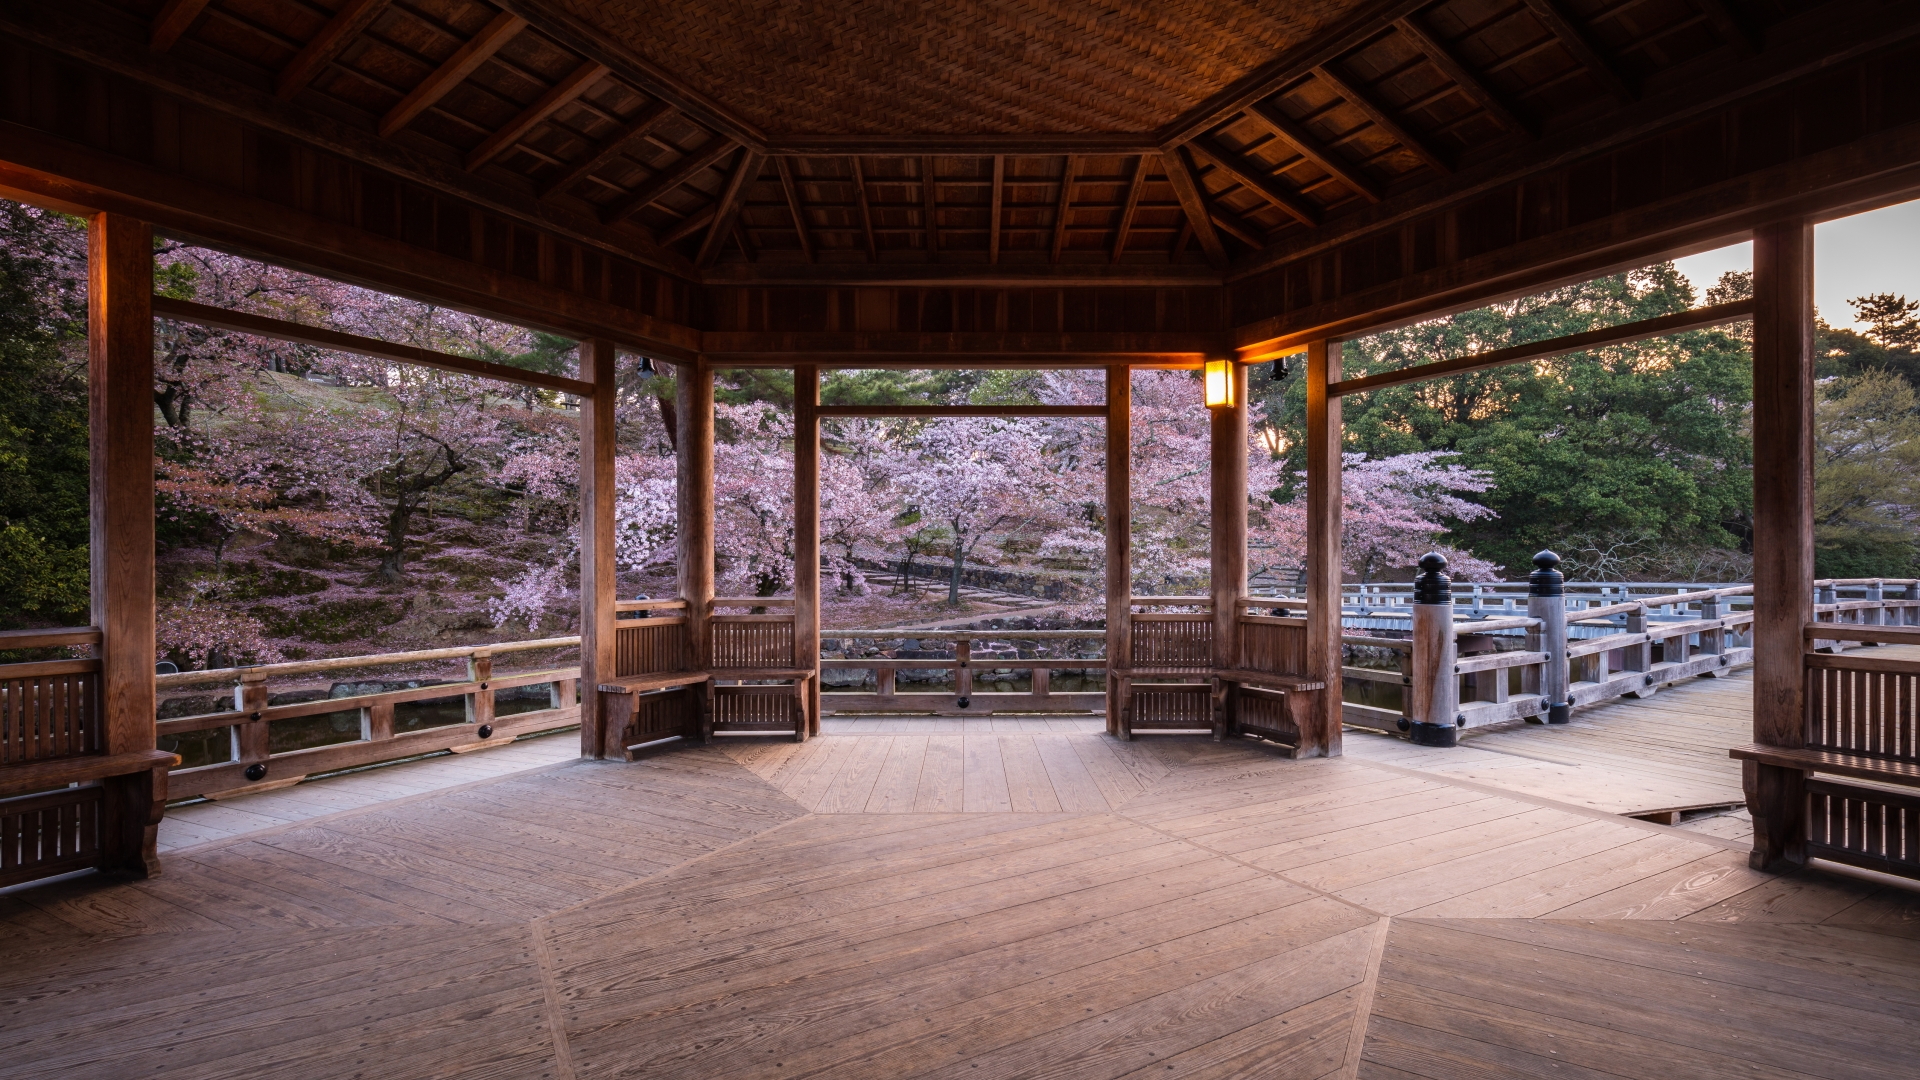 3916083_m 奈良県  奈良公園(鹿と桜の美しい景色が見れる春におすすめの桜スポット! 写真の紹介、アクセス情報や駐車場情報など)